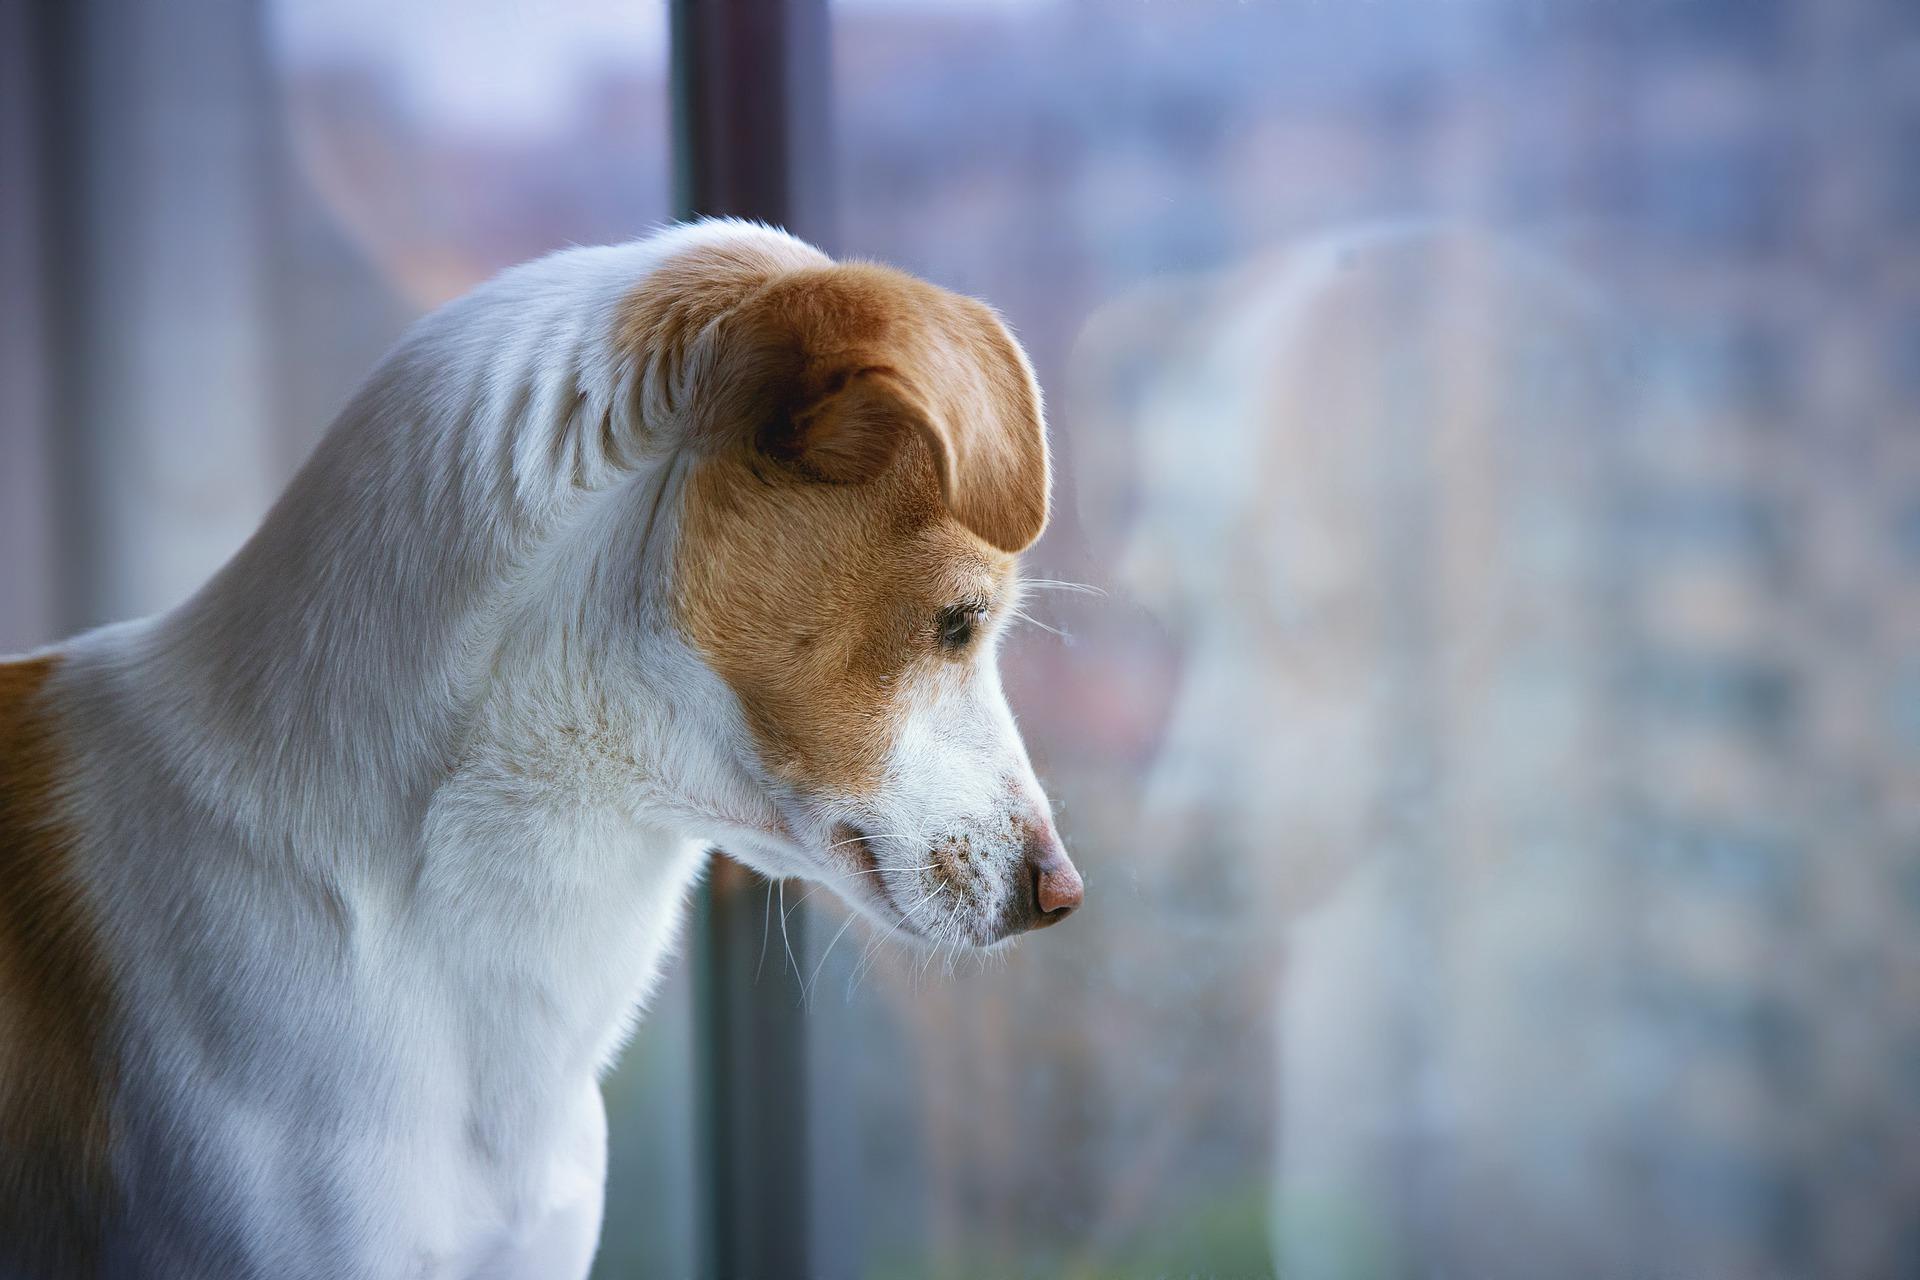 Wychowanie psa powinno opierać się przede wszystkim na pozytywnym wzmacnianiu. Nie zaleca się metod awersyjnych oraz karcenia psa.